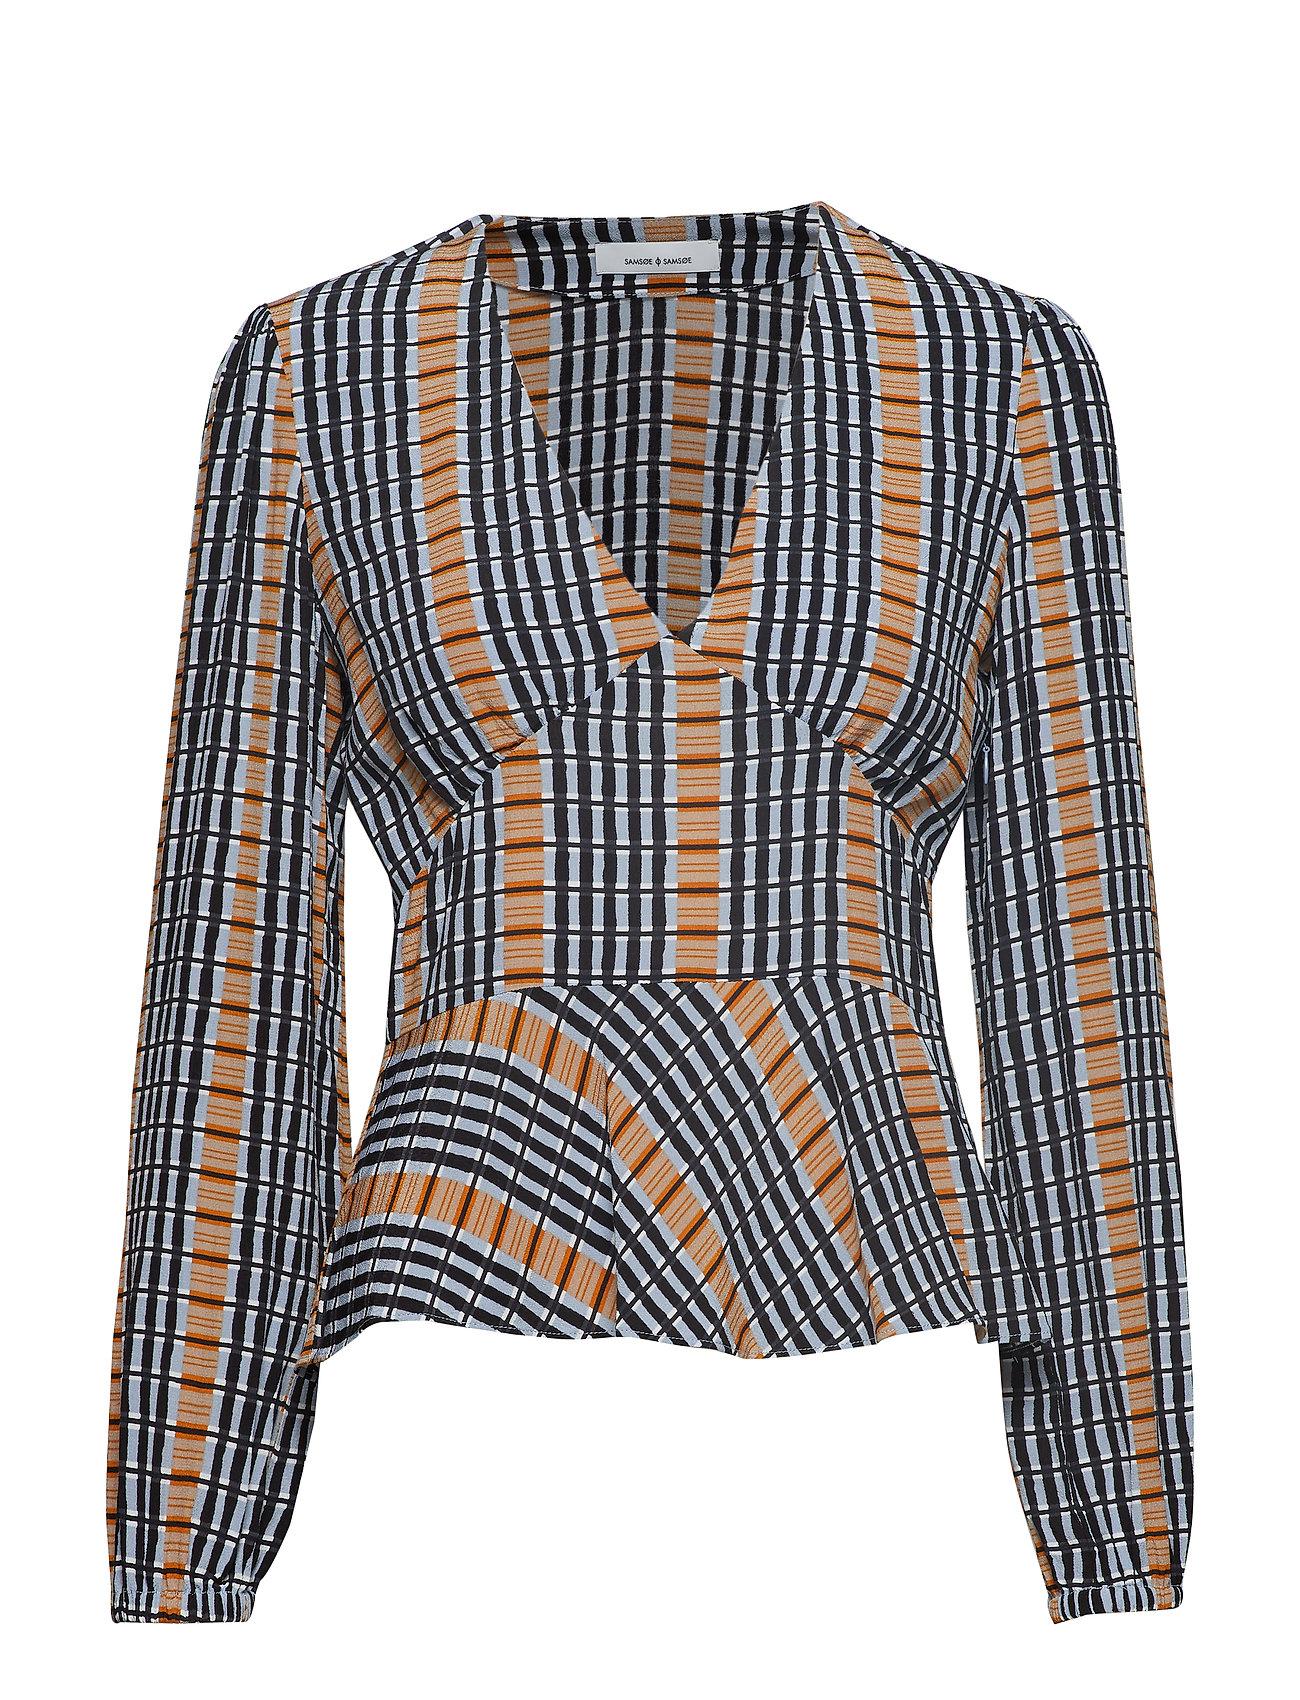 Samsøe & Samsøe Cindy blouse aop 10056 - INCA CHECK